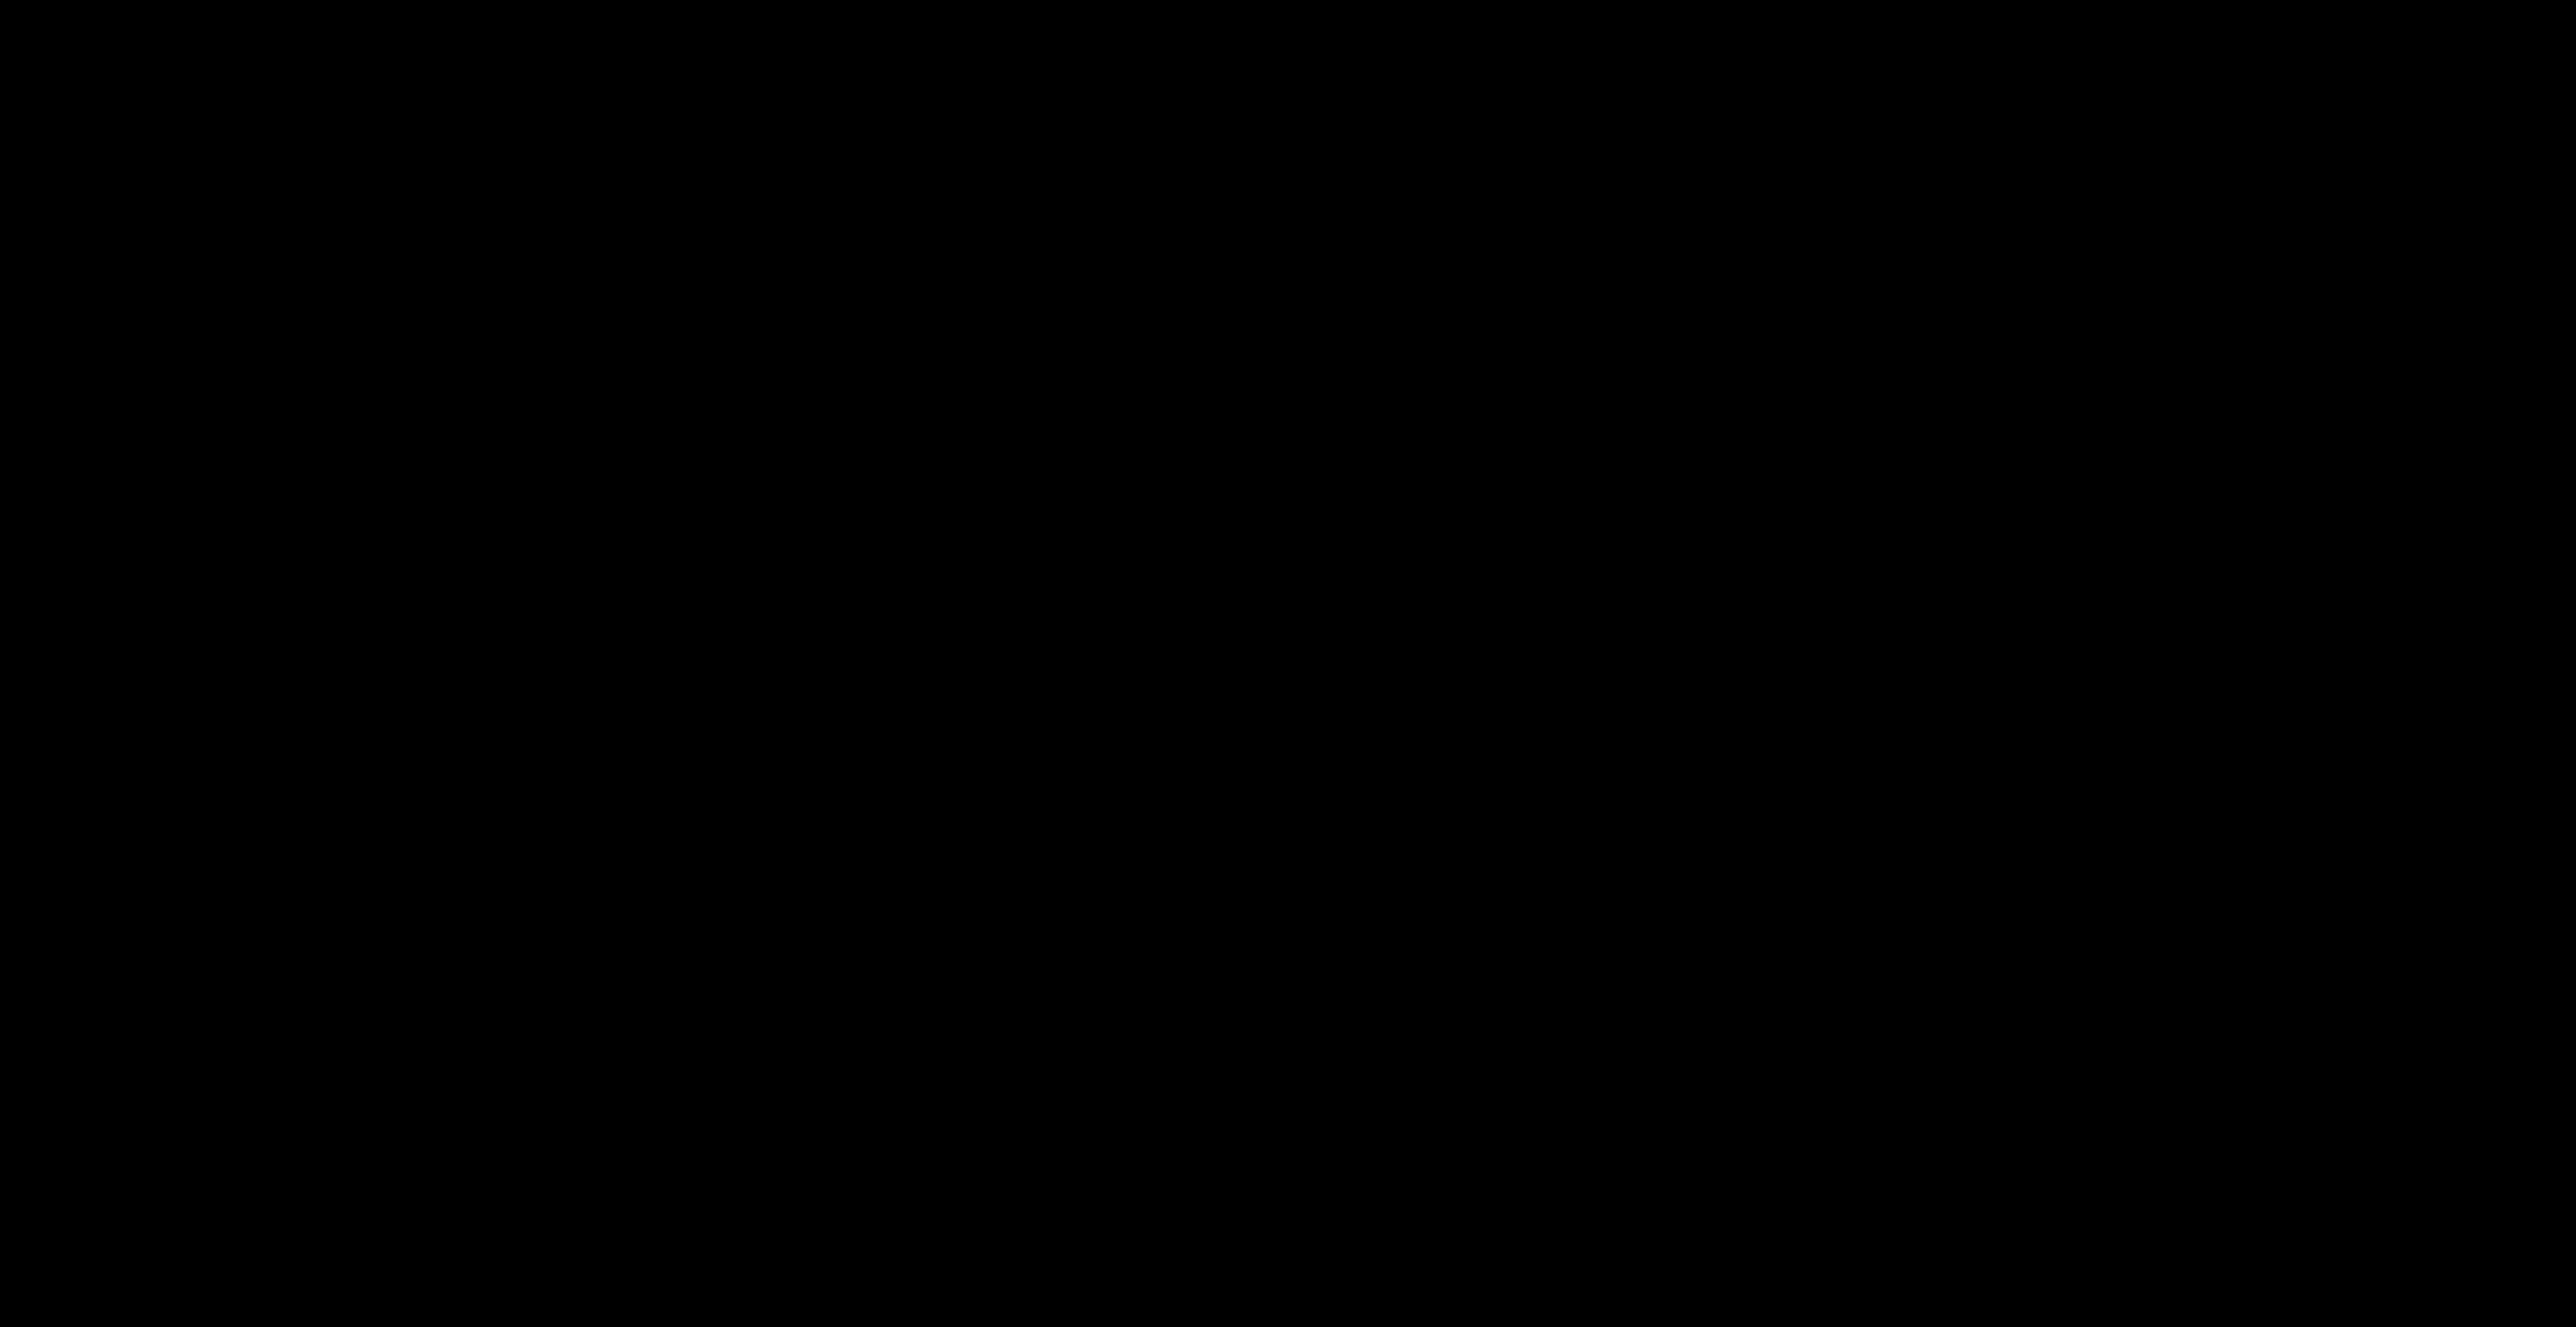 Немецкие диалекты карта